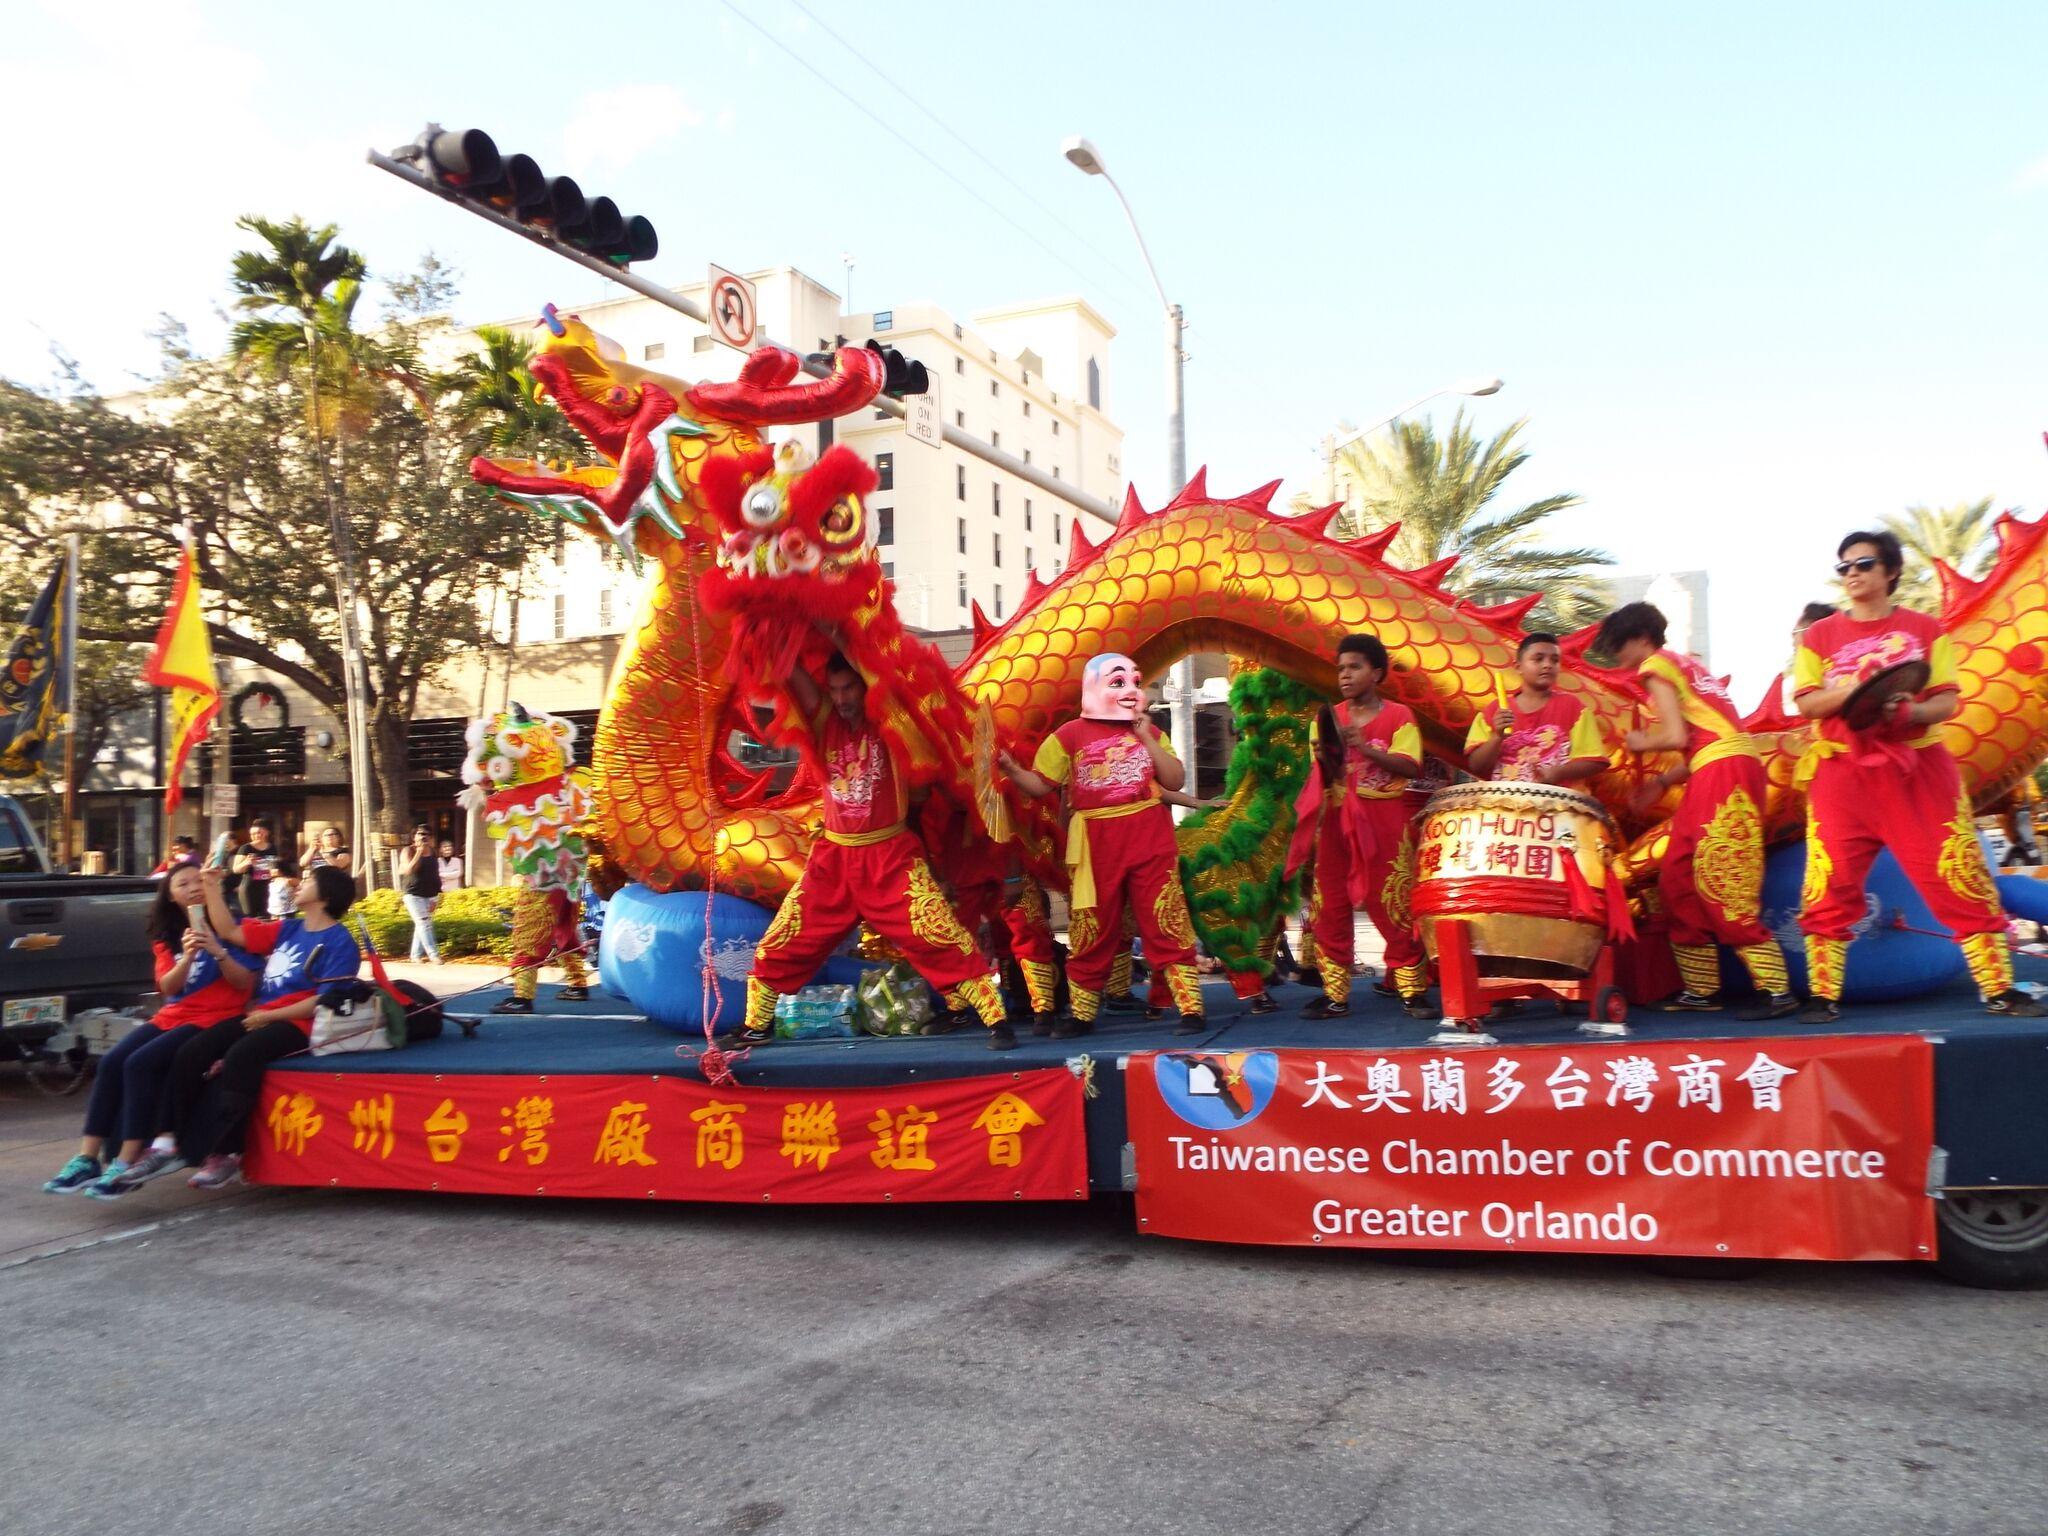 舞獅團在金龍花車上及旁邊路上沿途表演,很受歡迎。(孫博先提供)